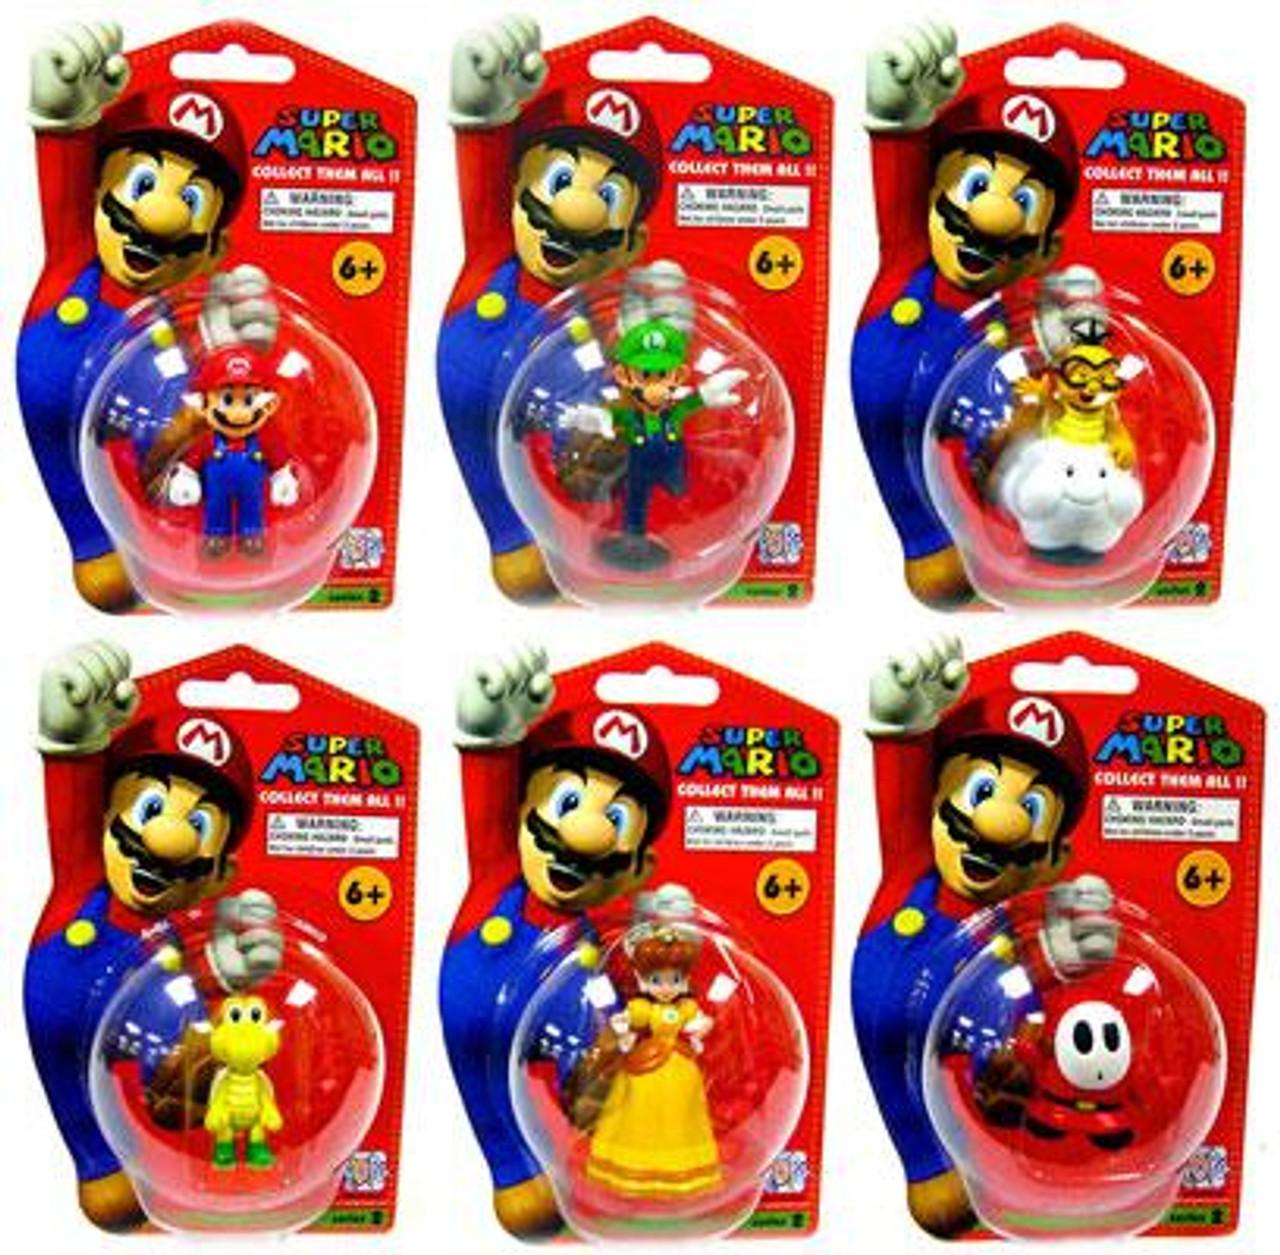 Super Mario Bros Series 2 Set of 6 Vinyl Mini Figures